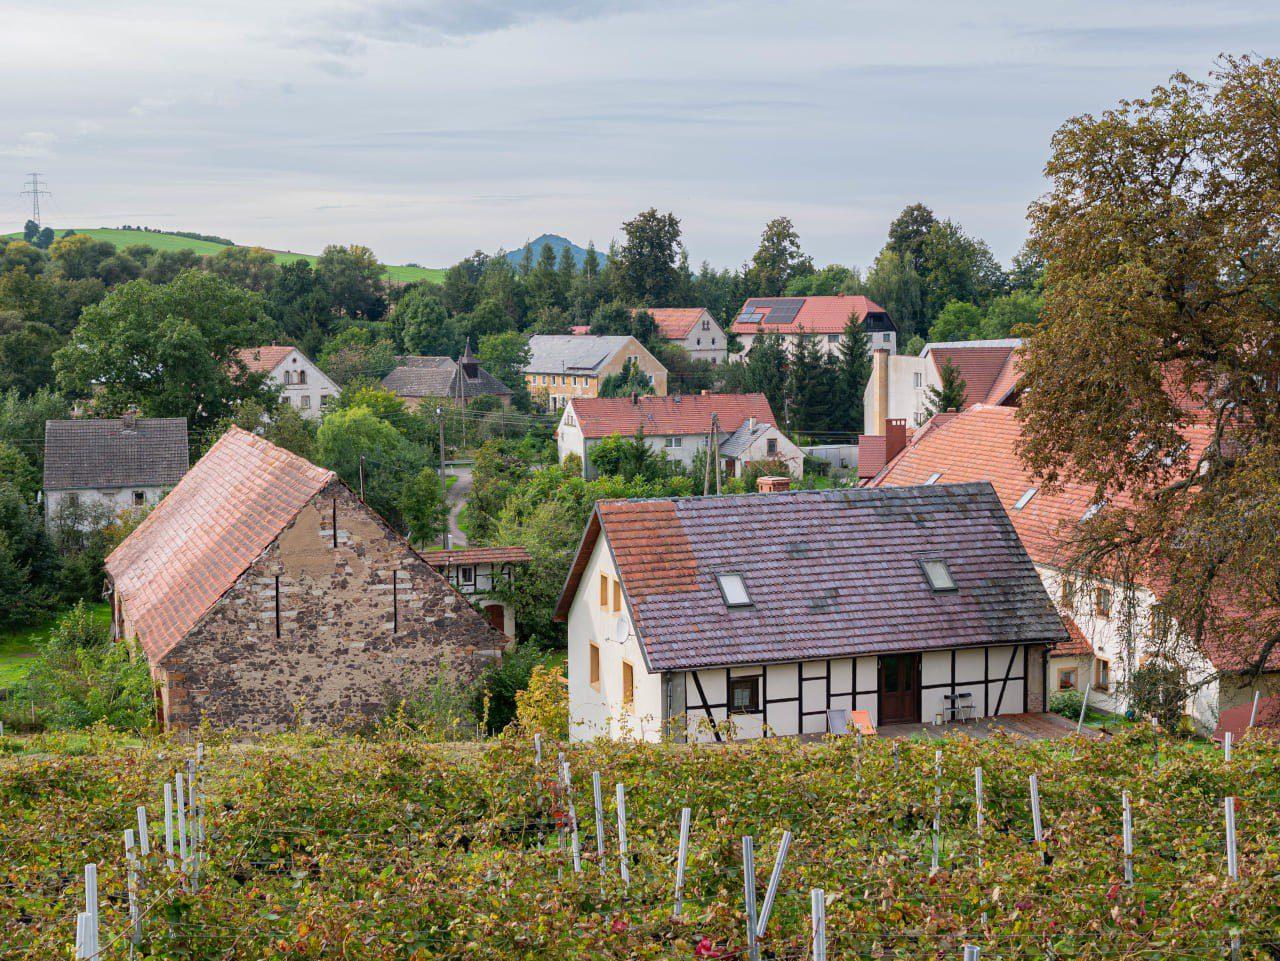 Winnica Agata w Sokołowcu Agroturystyka Nocleg Zwiedzanie i Degustacja Dawny Wulkan